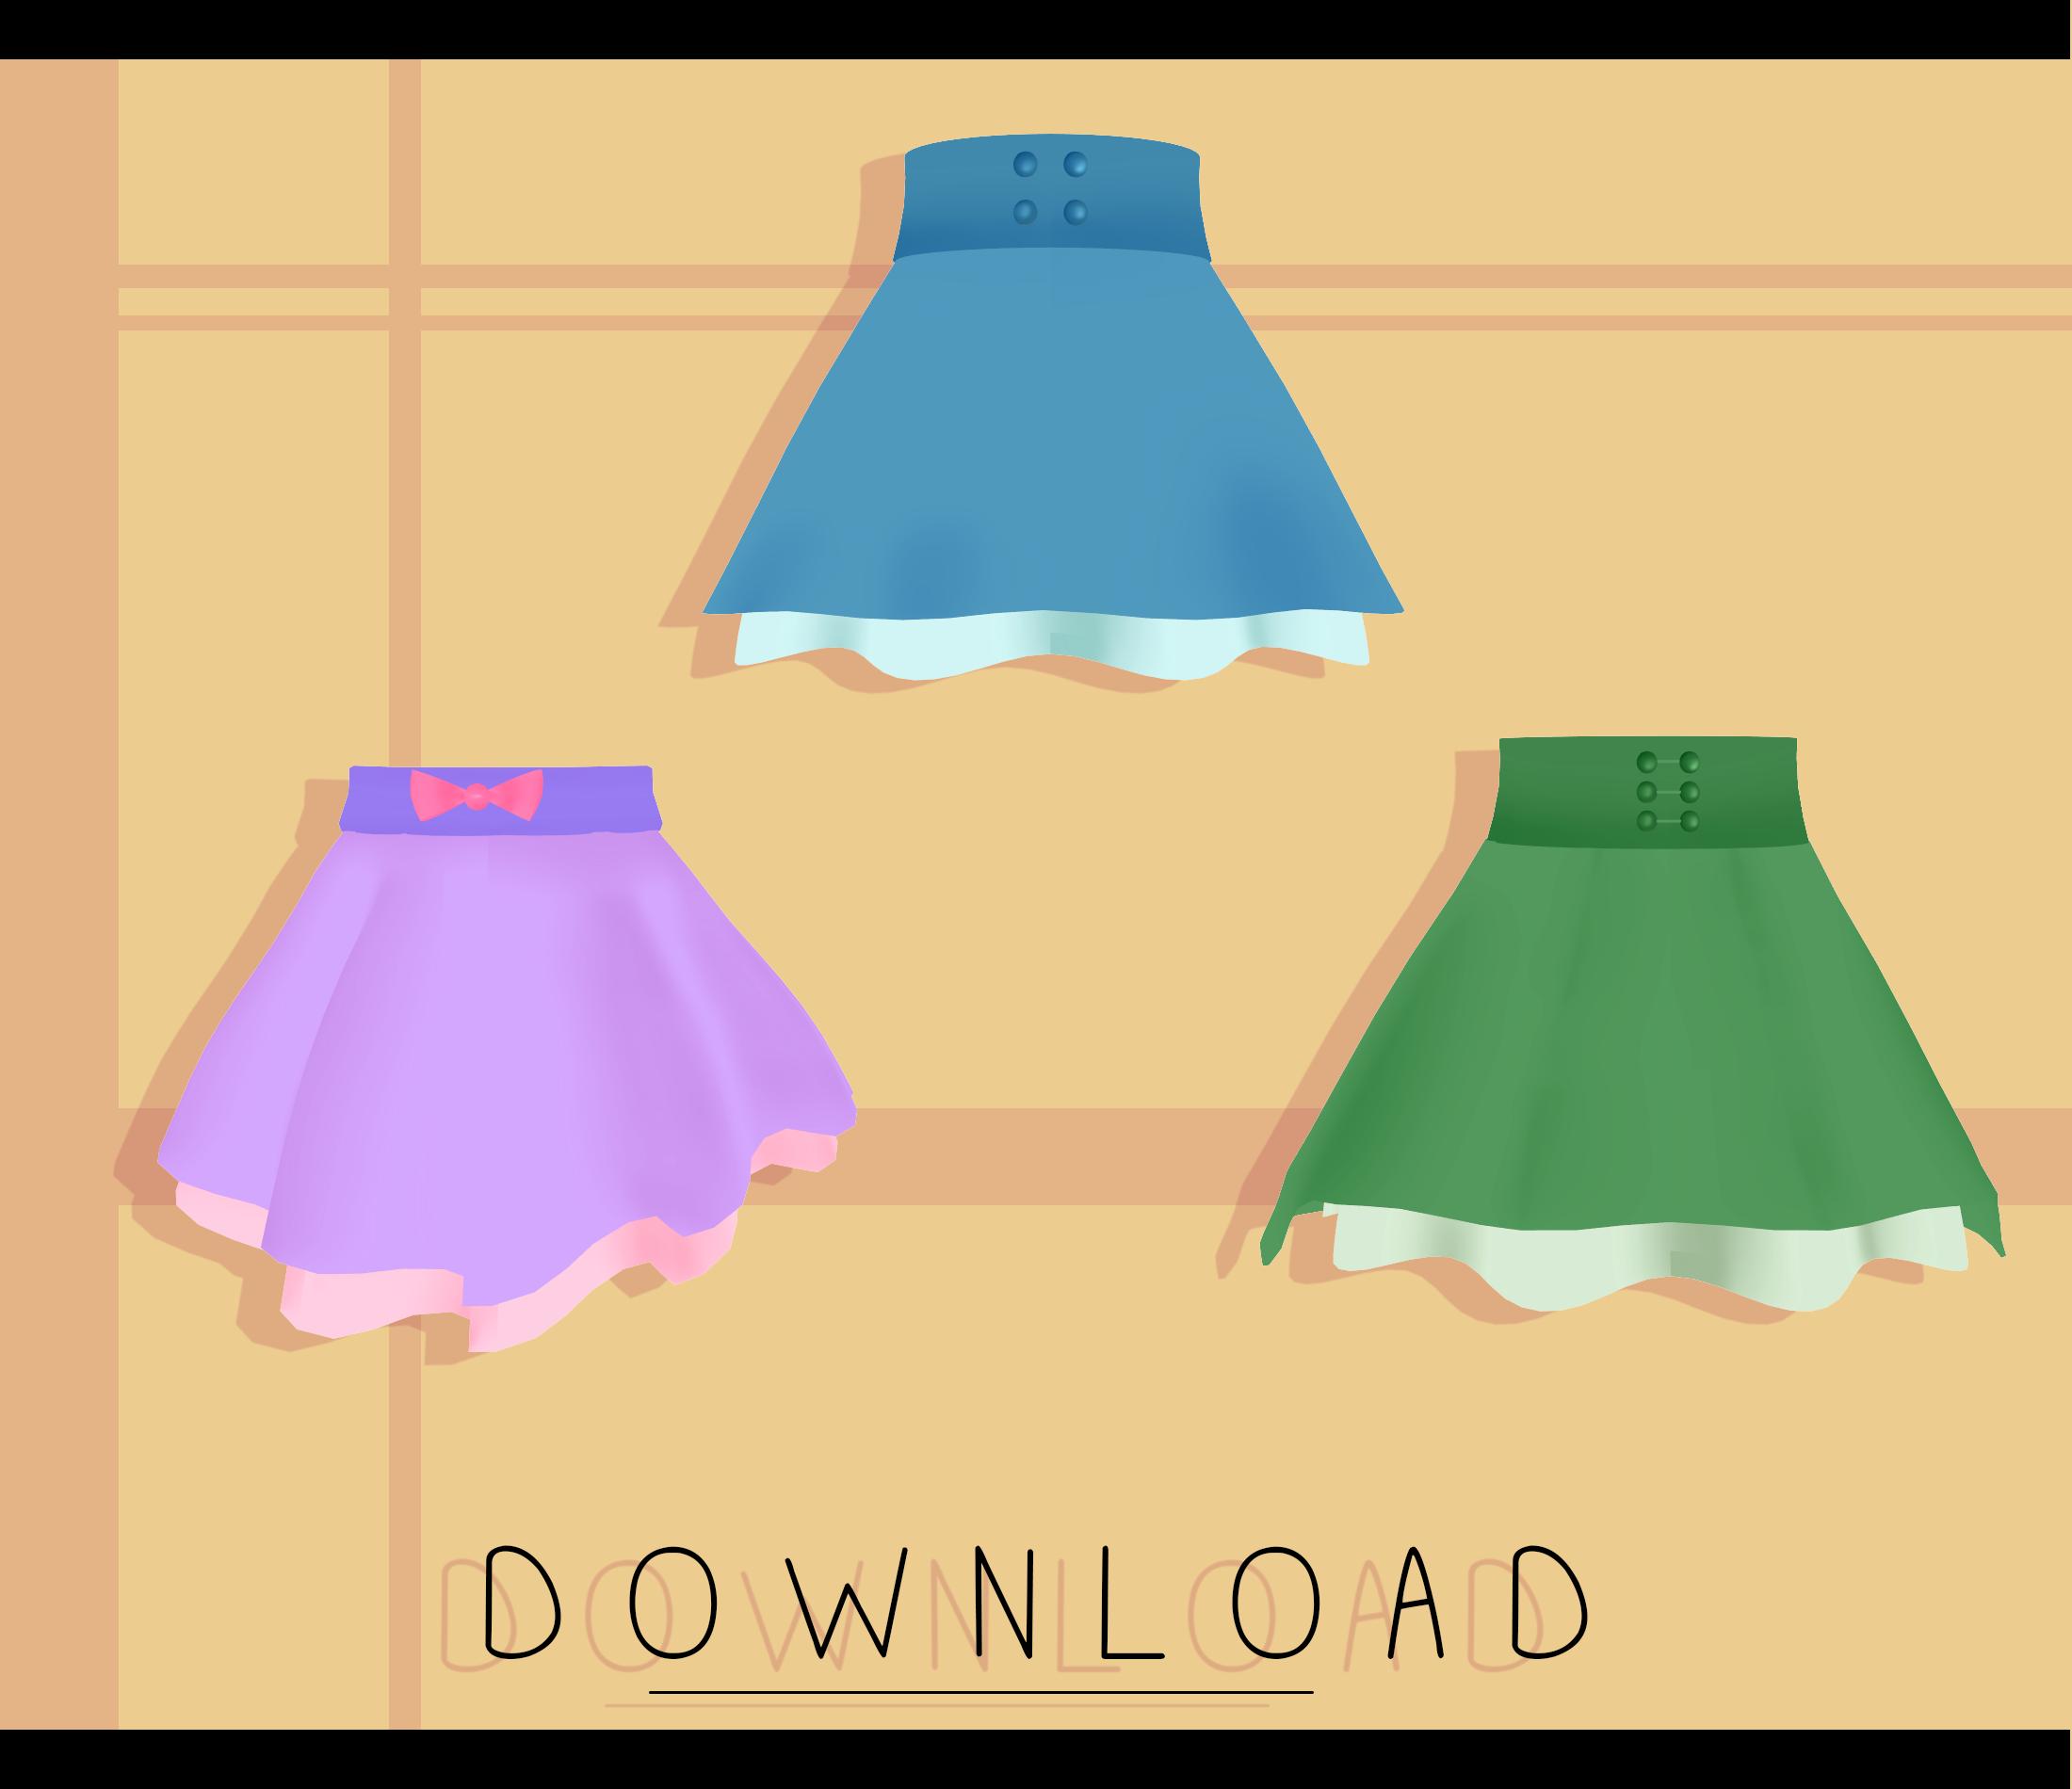 Mmd skirts download - www dsnnmazafnhomq ml